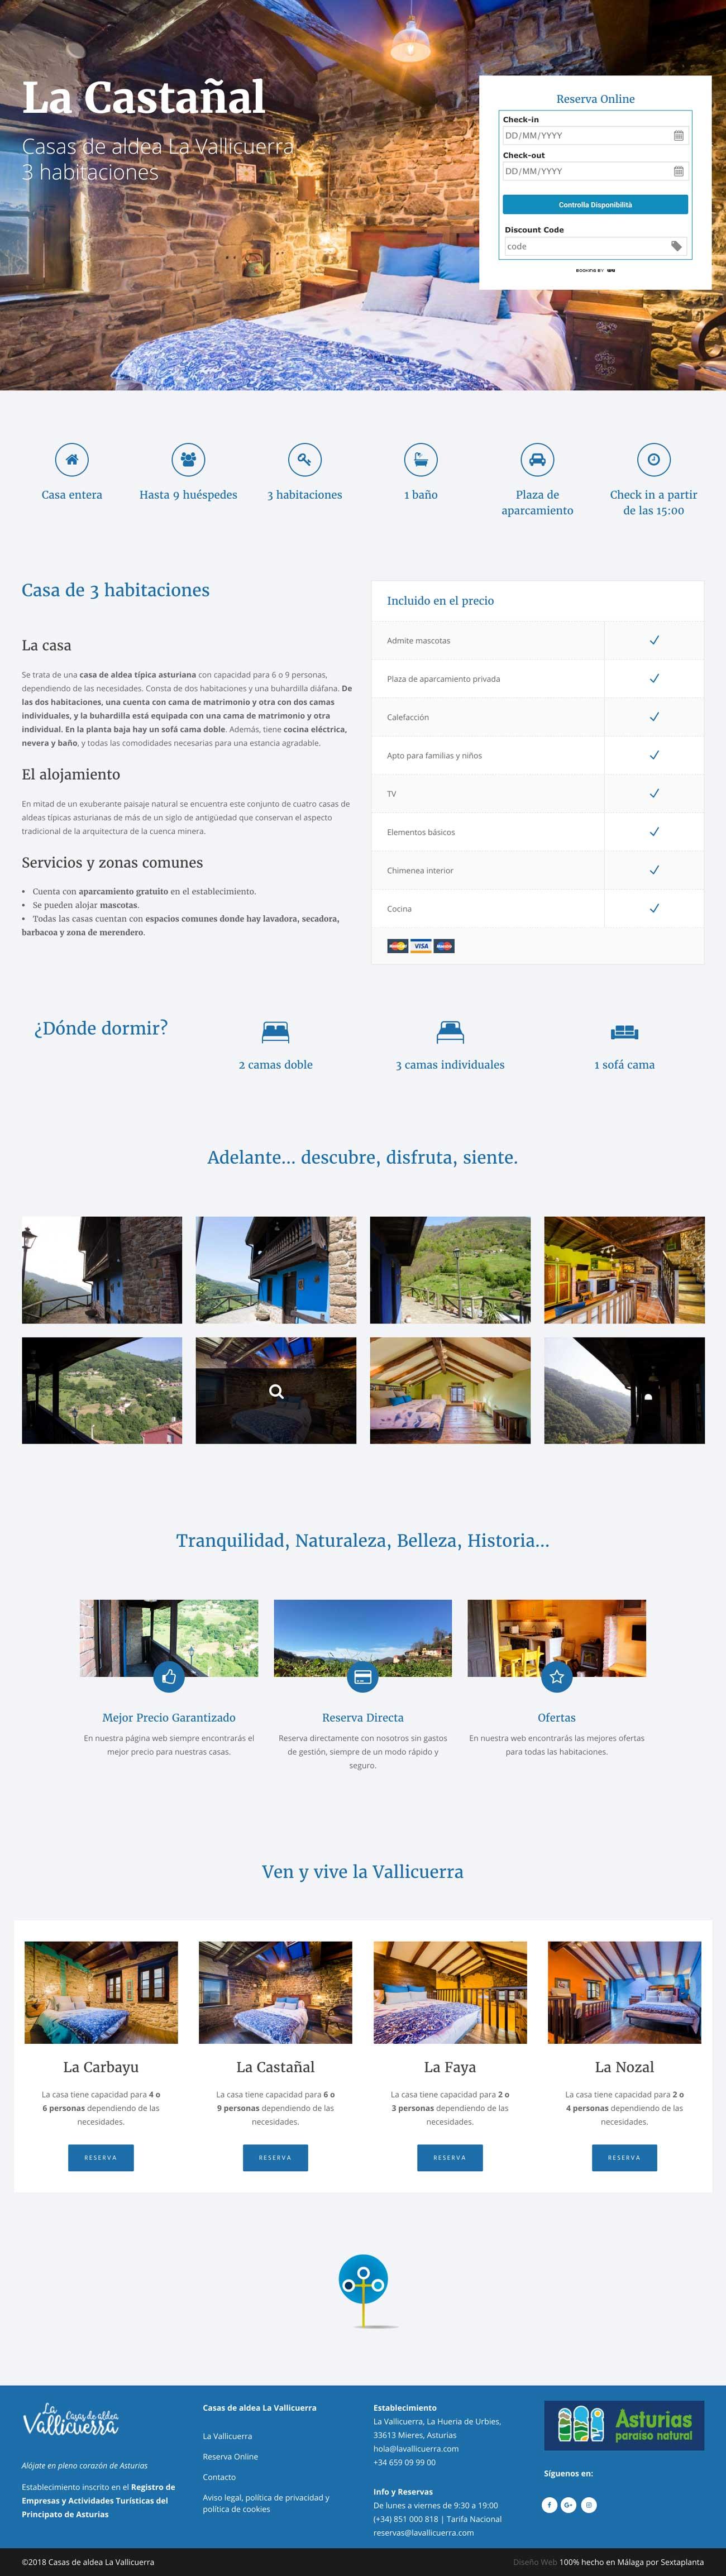 Diseño Web Casas de aldea La Vallicuerra